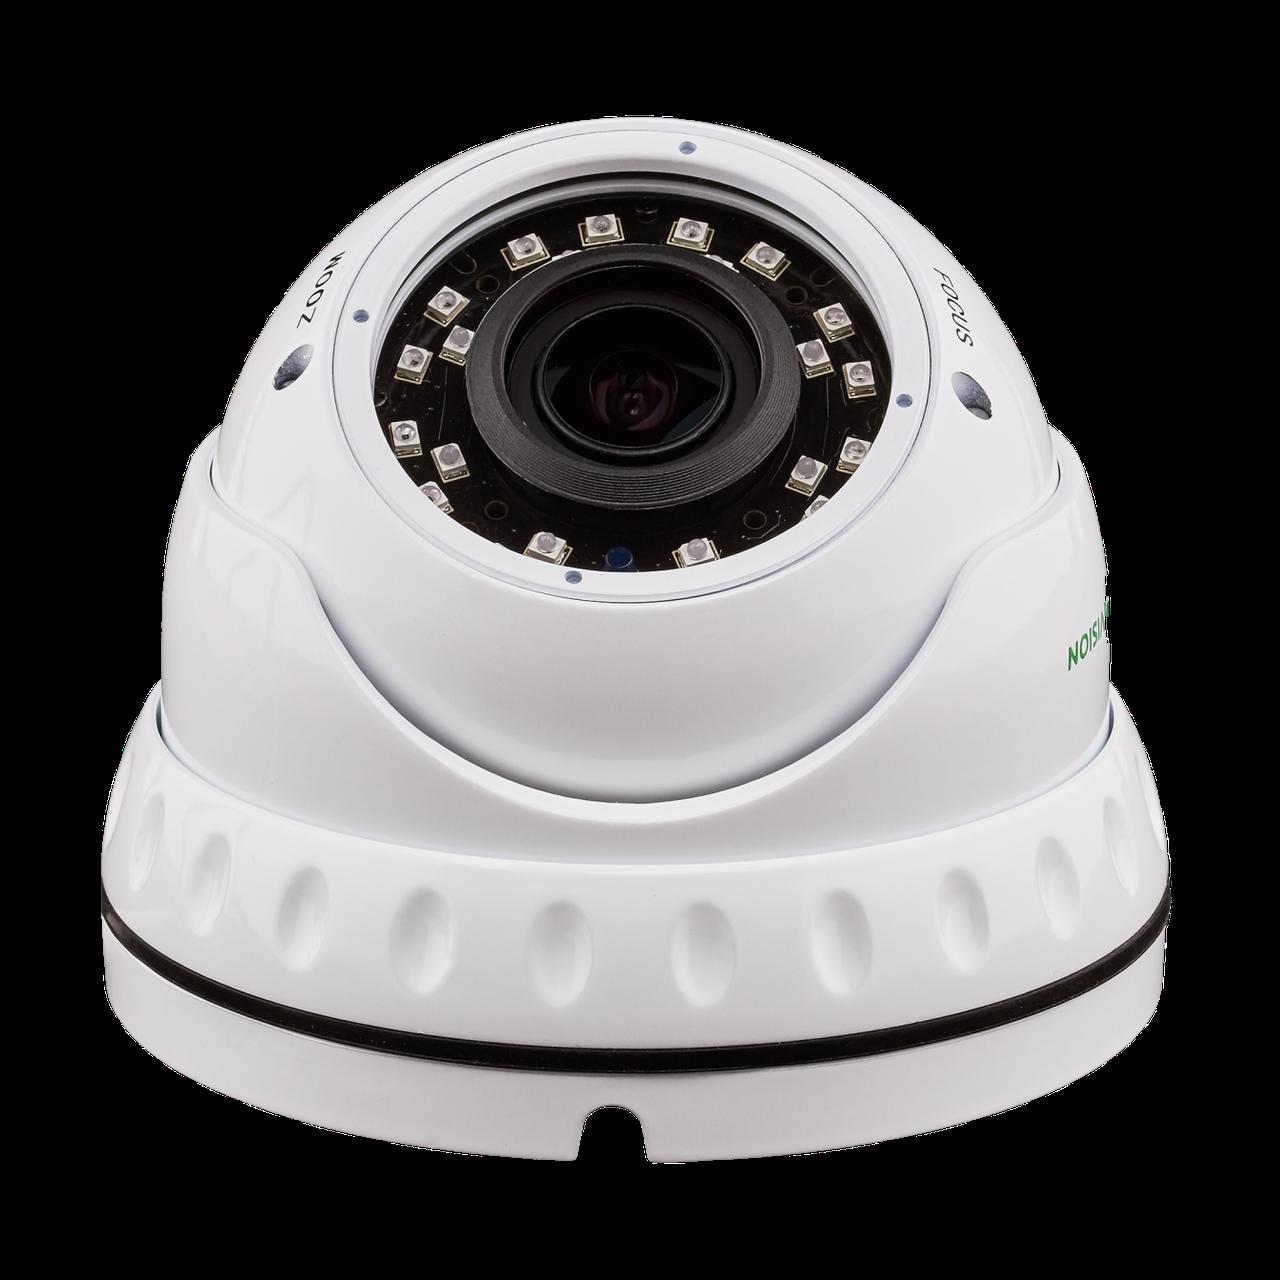 IP камера наружная антивандальная Green Vision GV-060-IP-E-DOS30V-30